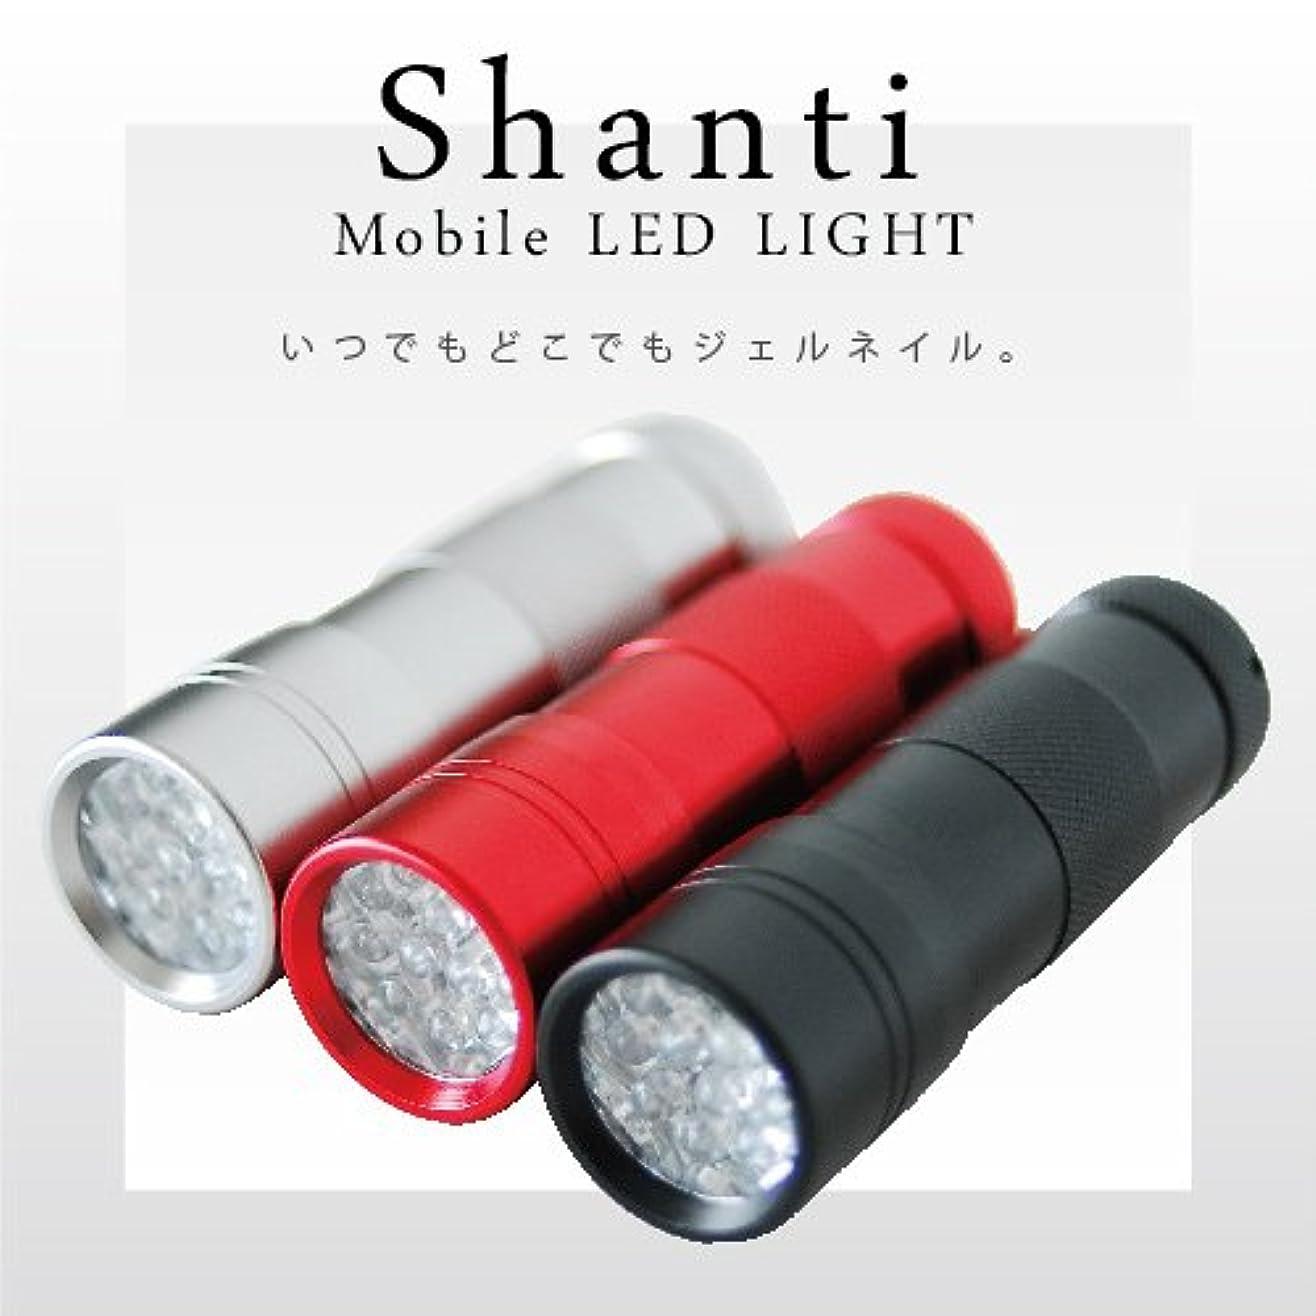 八百屋さん実用的仮装ジェルネイル用UVライト ペン型LEDライト Shanti Mobile LED ペン型ポータブルLEDライト カラー:シルバー  携帯用ハンドライト